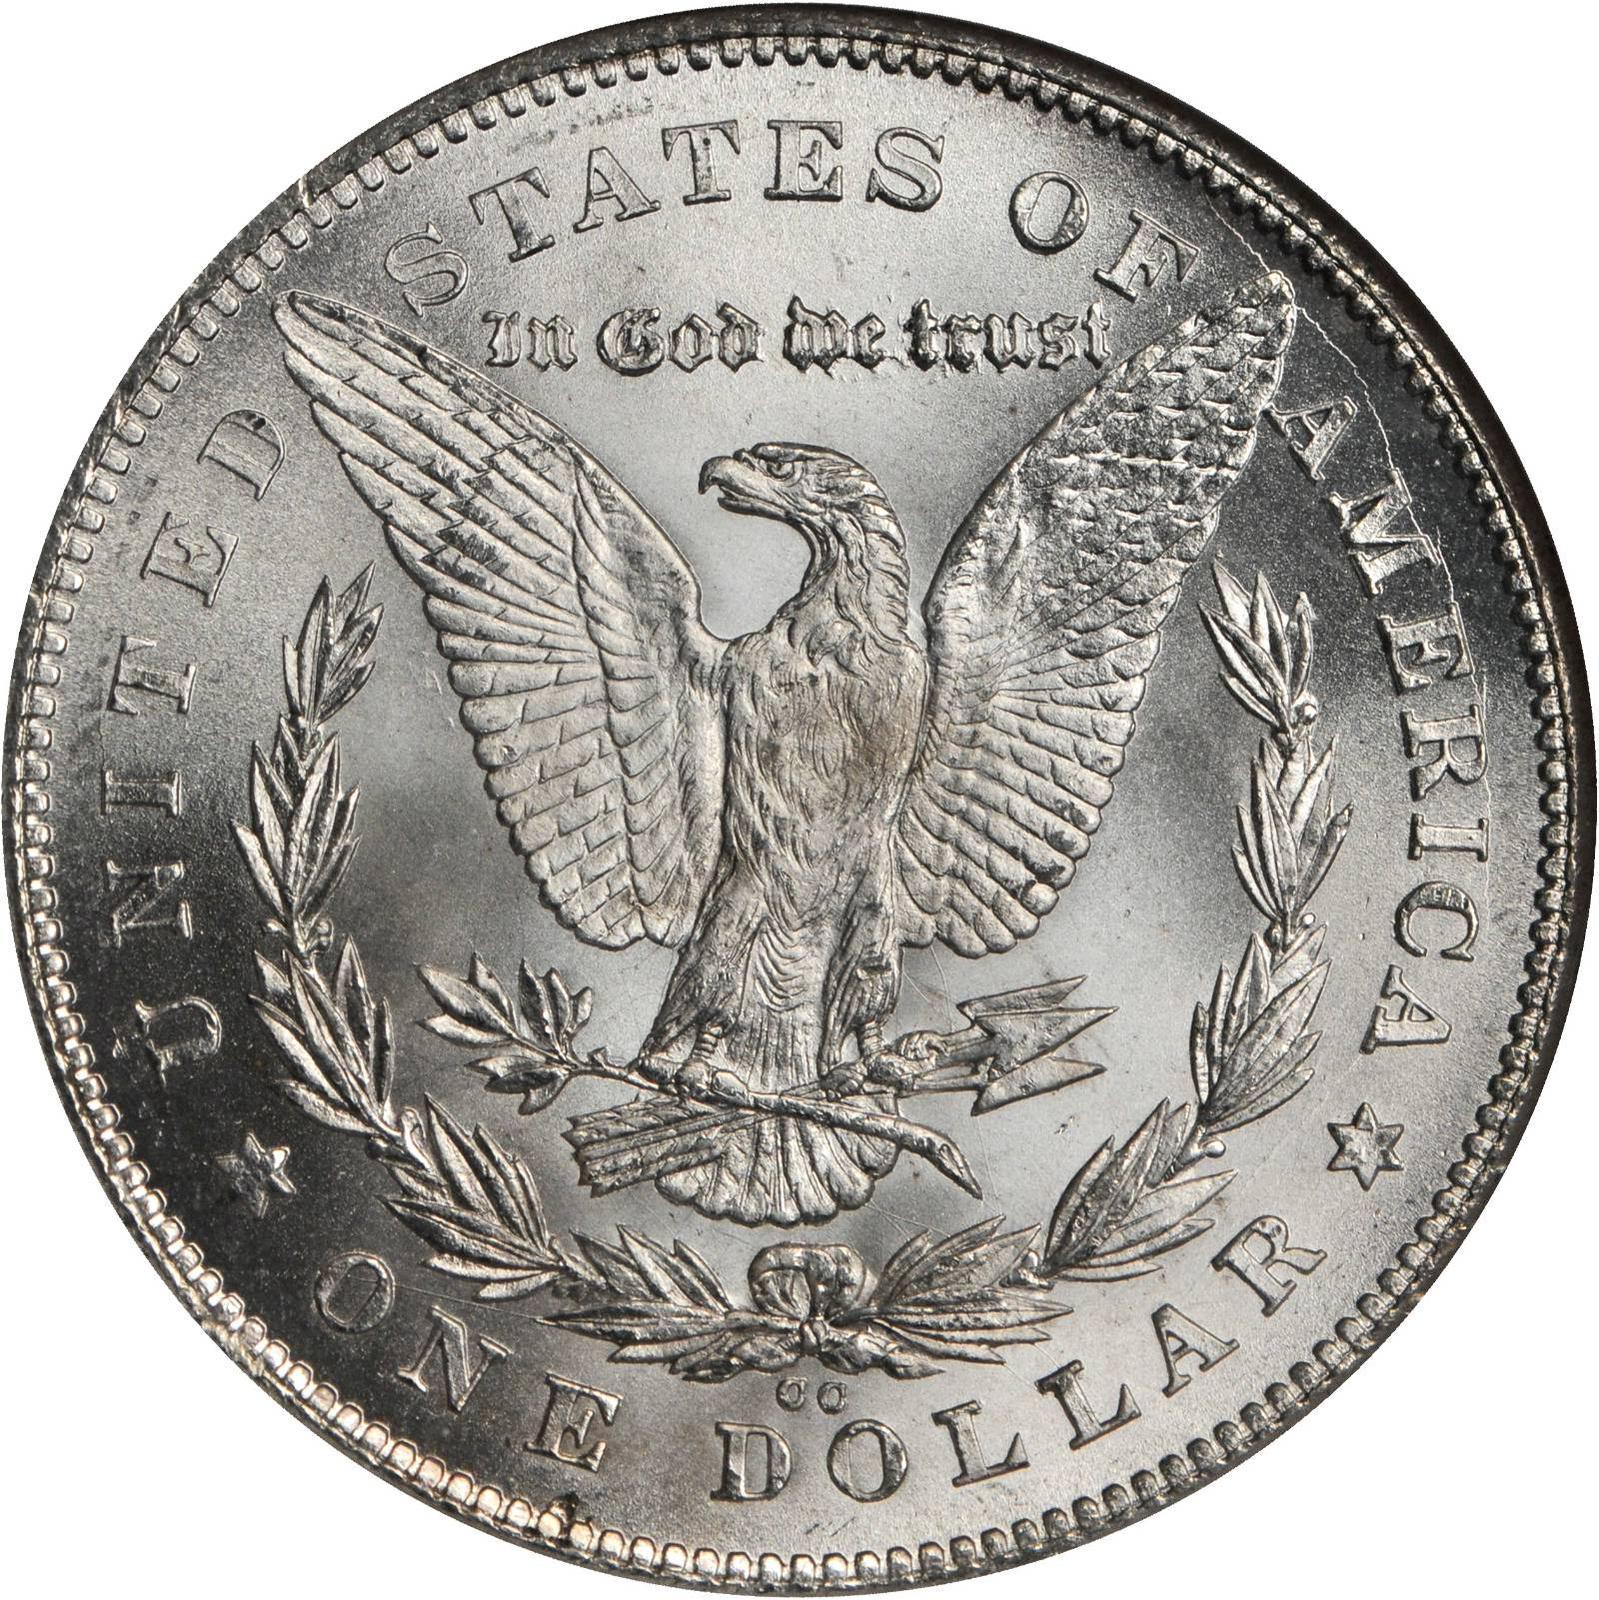 1878 coin